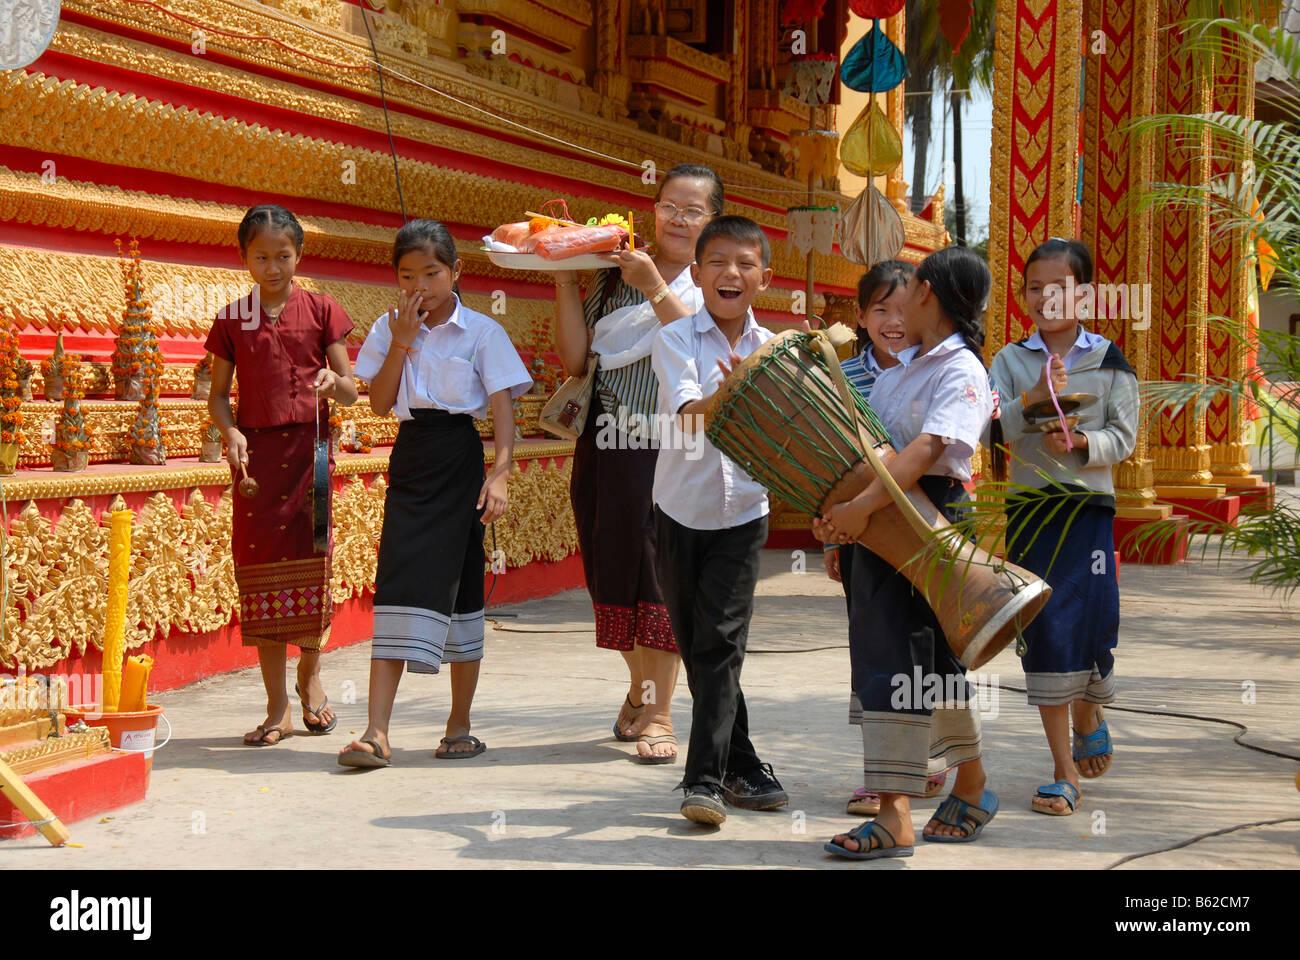 Buddhistischen Familie mit Kindern bei einem fröhlichen Spaziergang rund um den Tempel mit einer Trommel und Stockbild